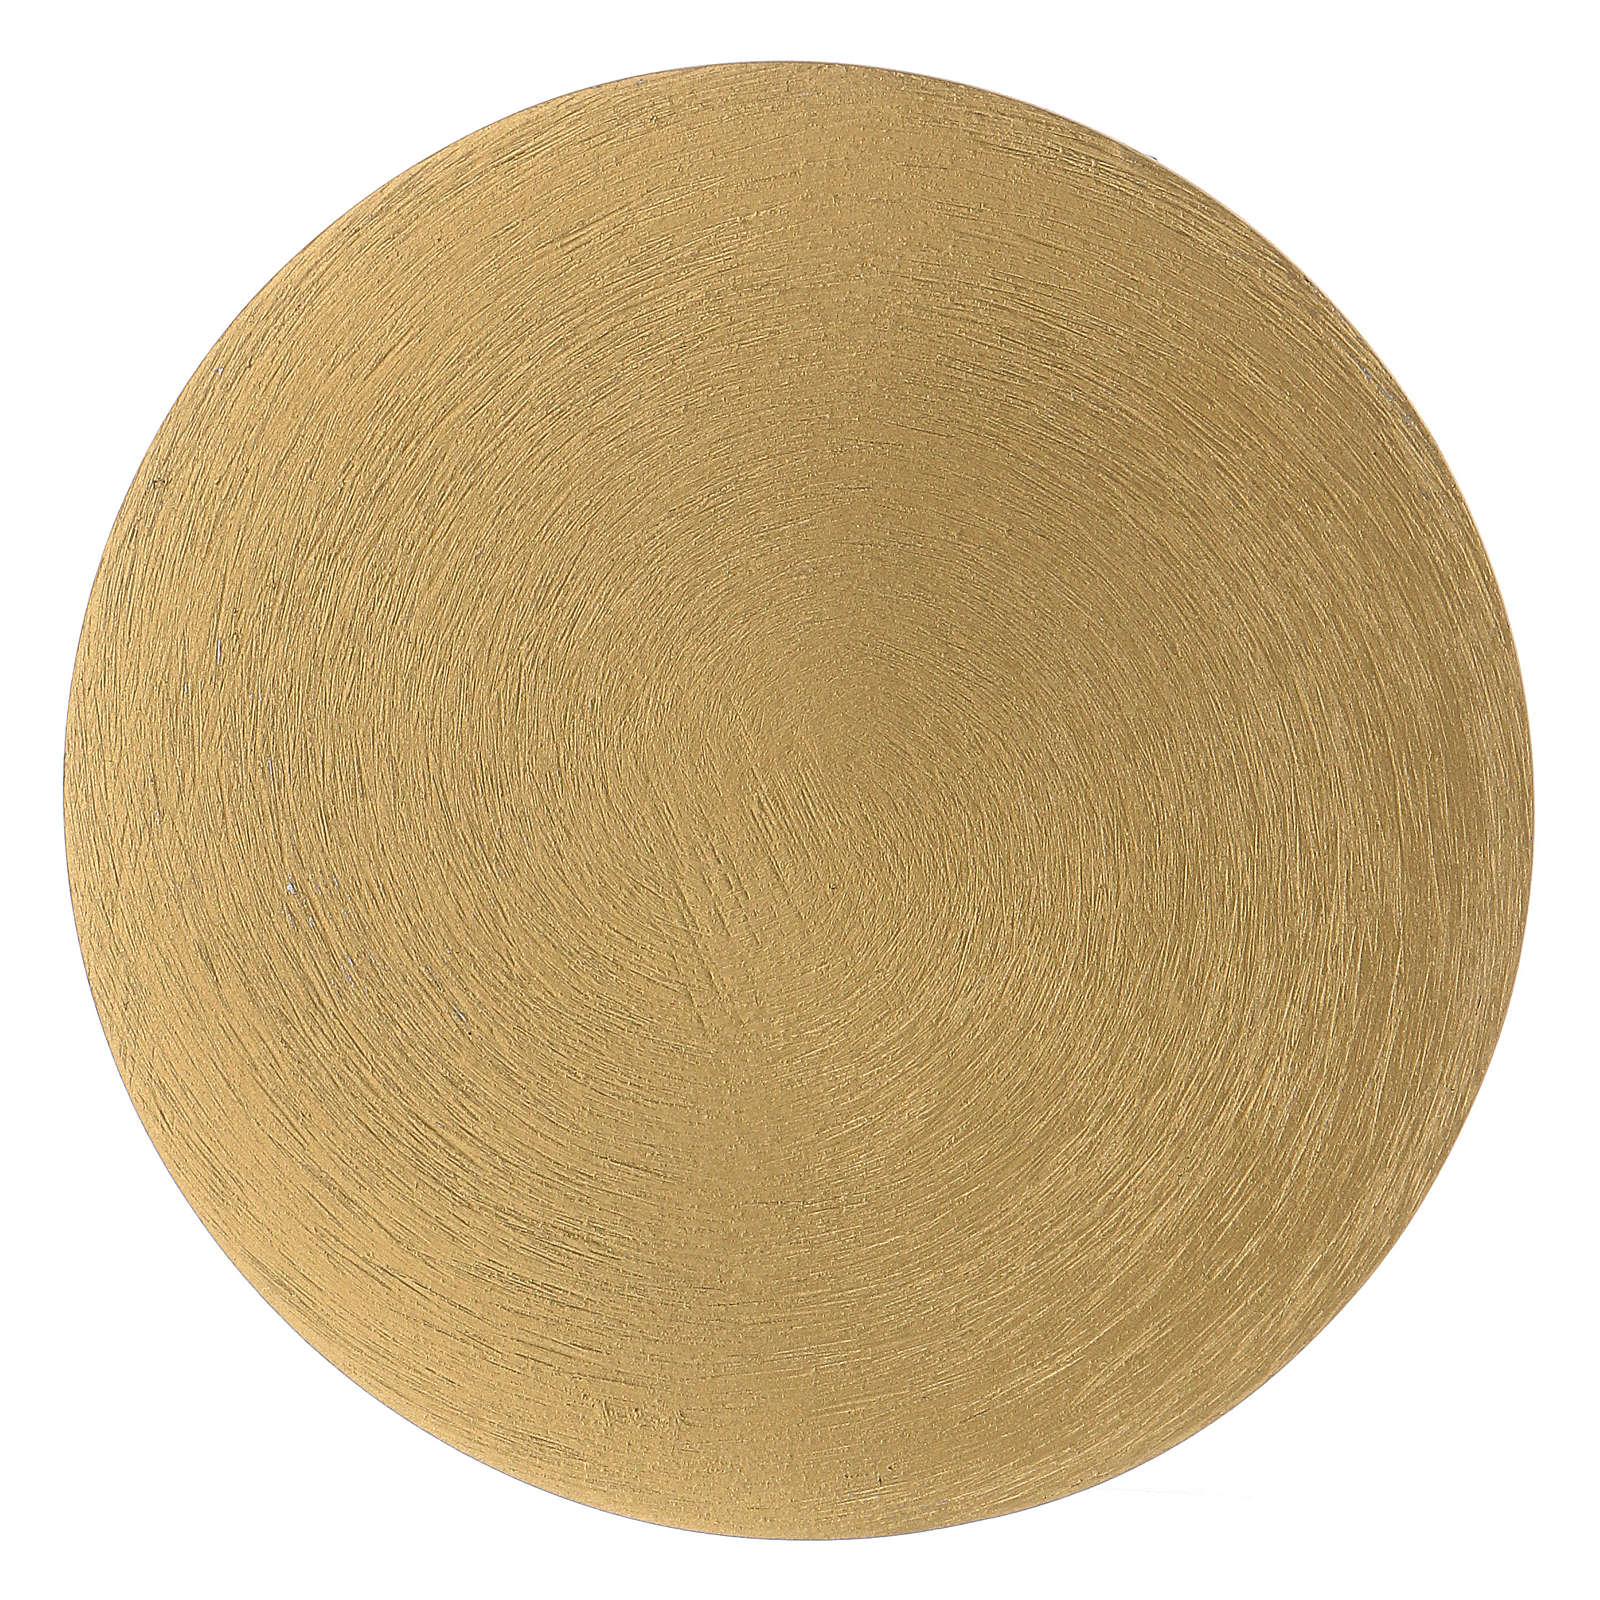 Plato portavela redondo de latón dorado 10 cm 3